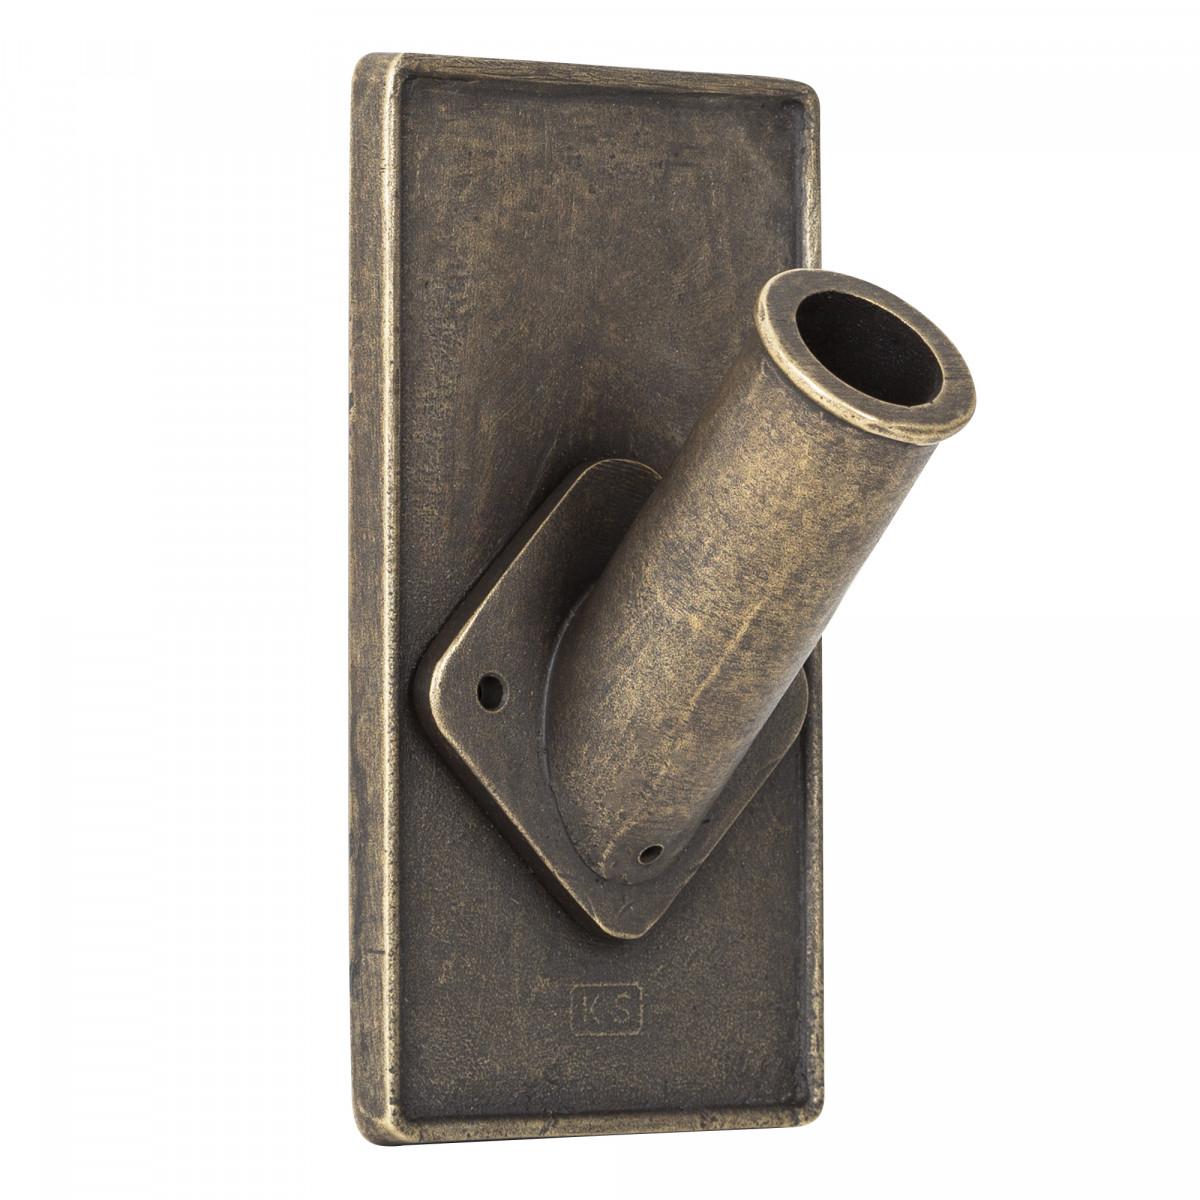 Vlaggenstokhouder brons vierkant voor aan de gevel van een woning of pand geheel onderhoudsvrij een sieraad aan de gevel van KS Verlichting